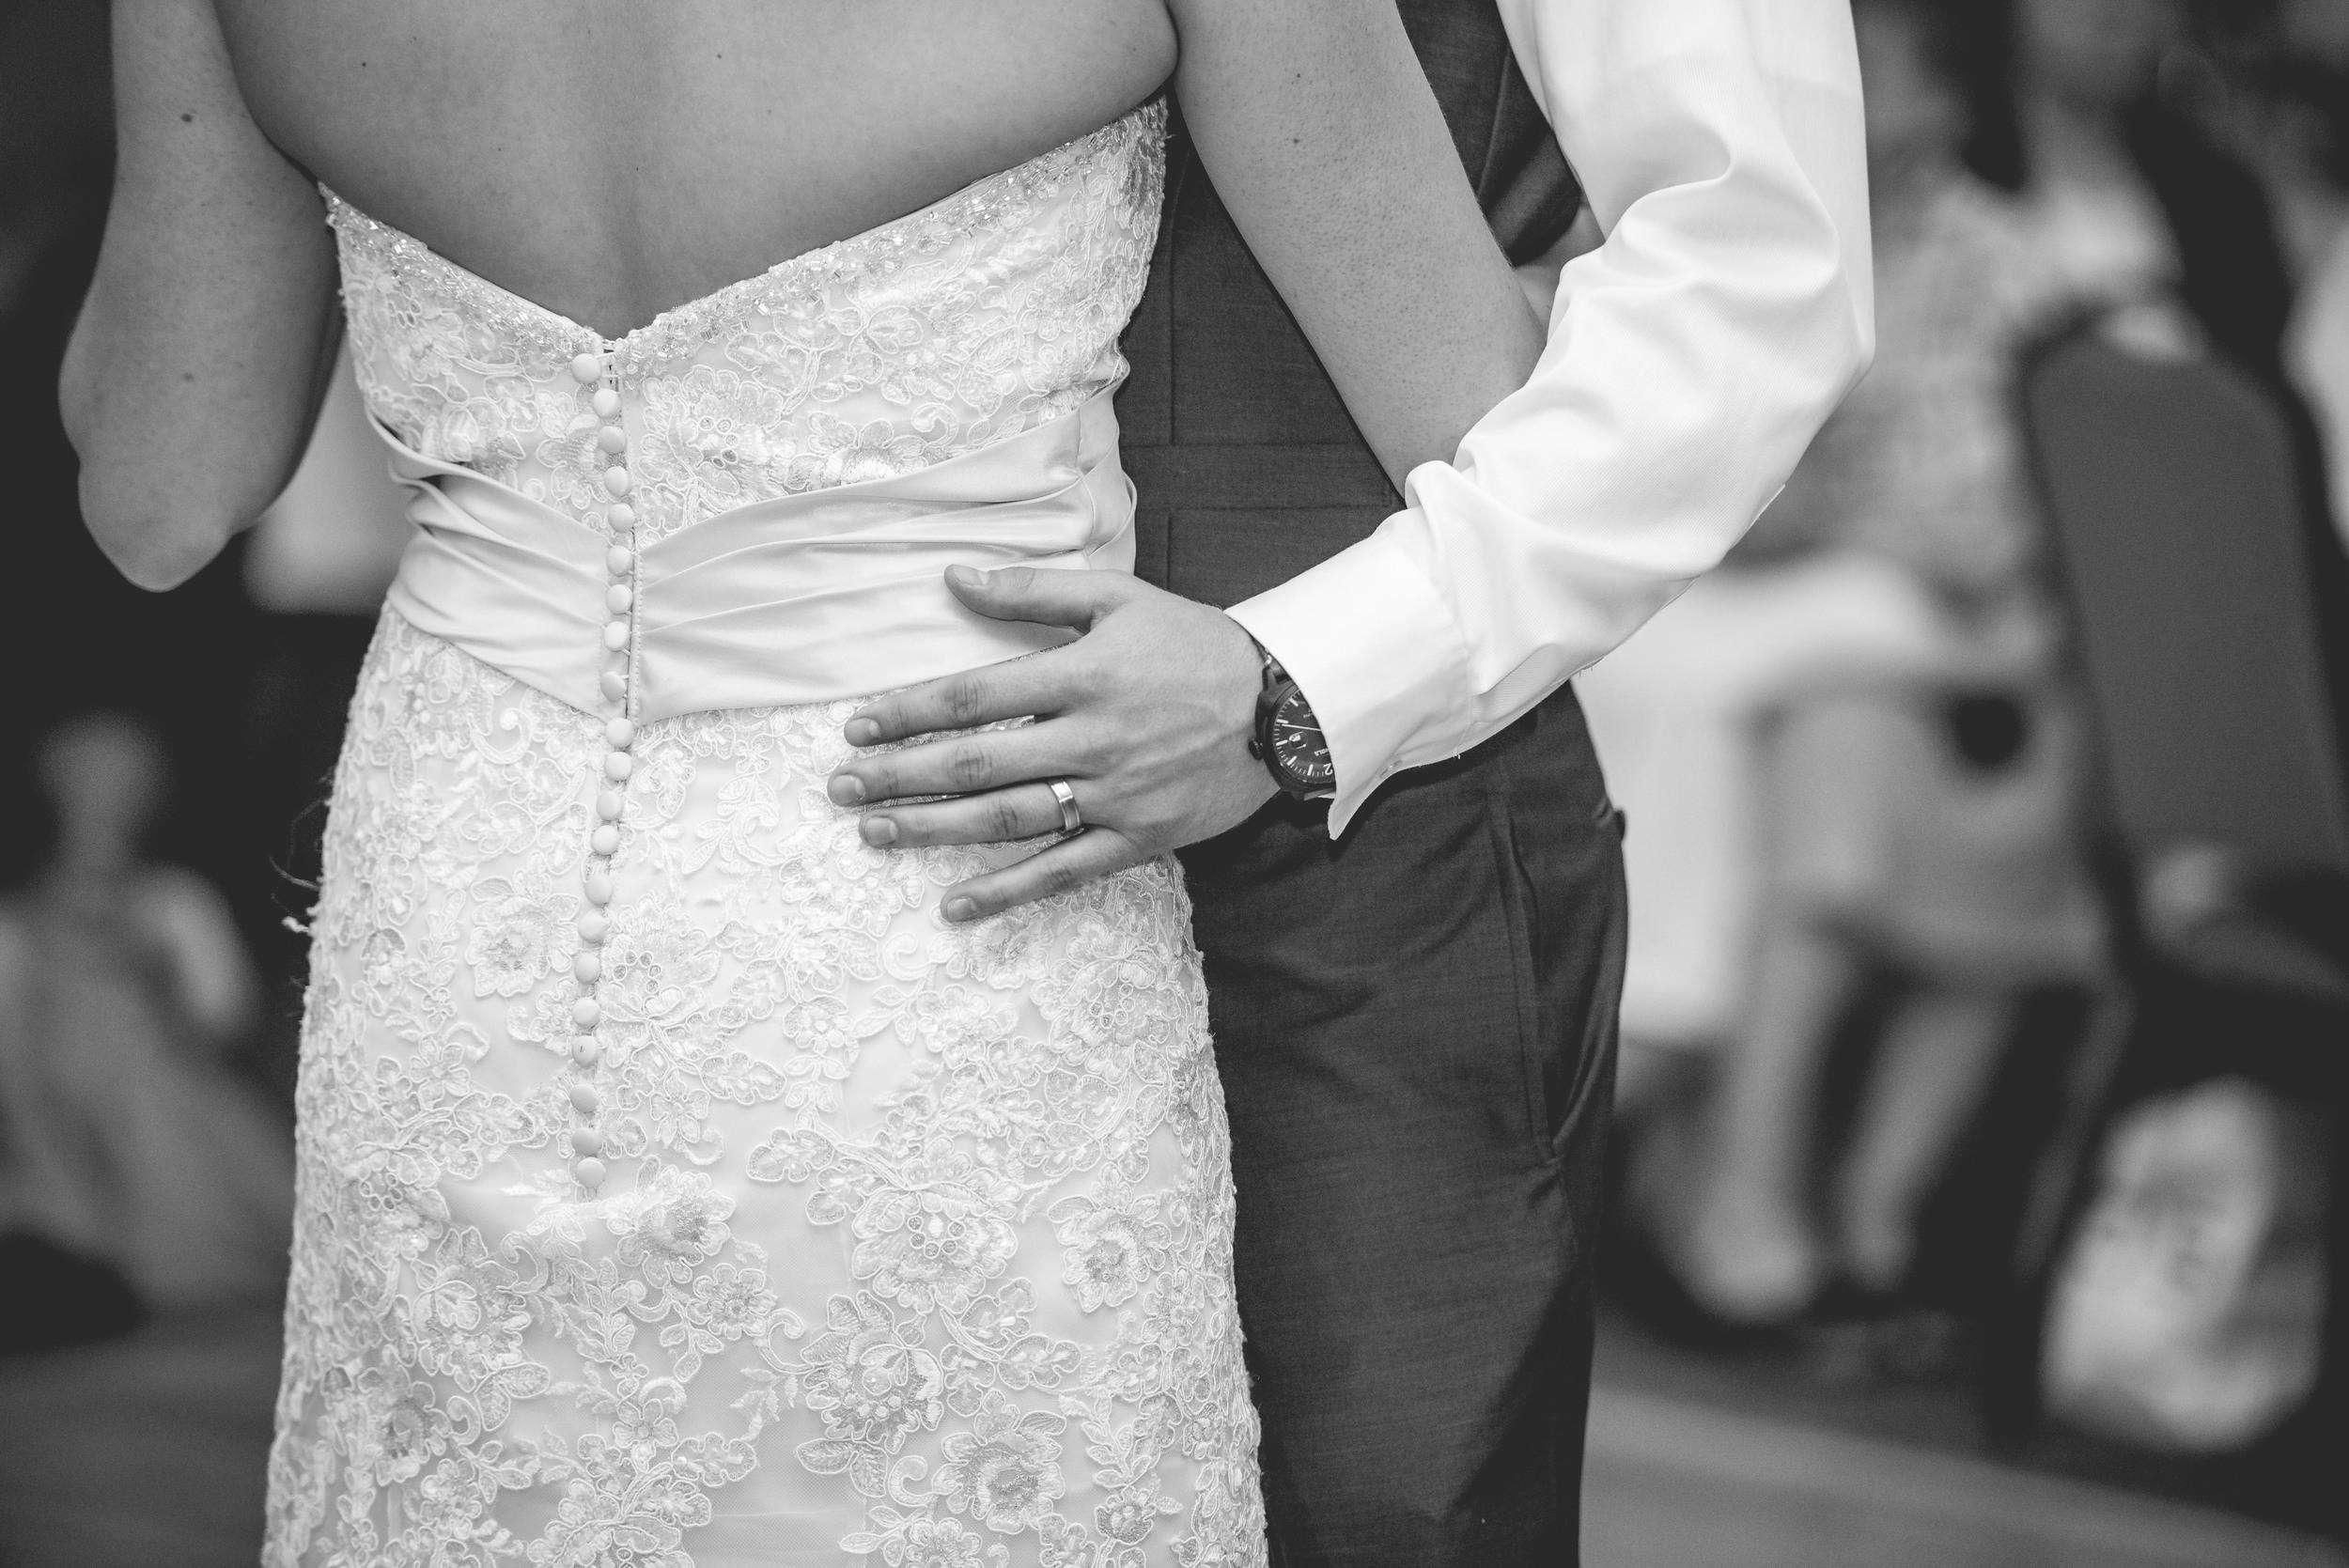 sarasutterphotography_wedding_drewanderin_2015-1611.jpg